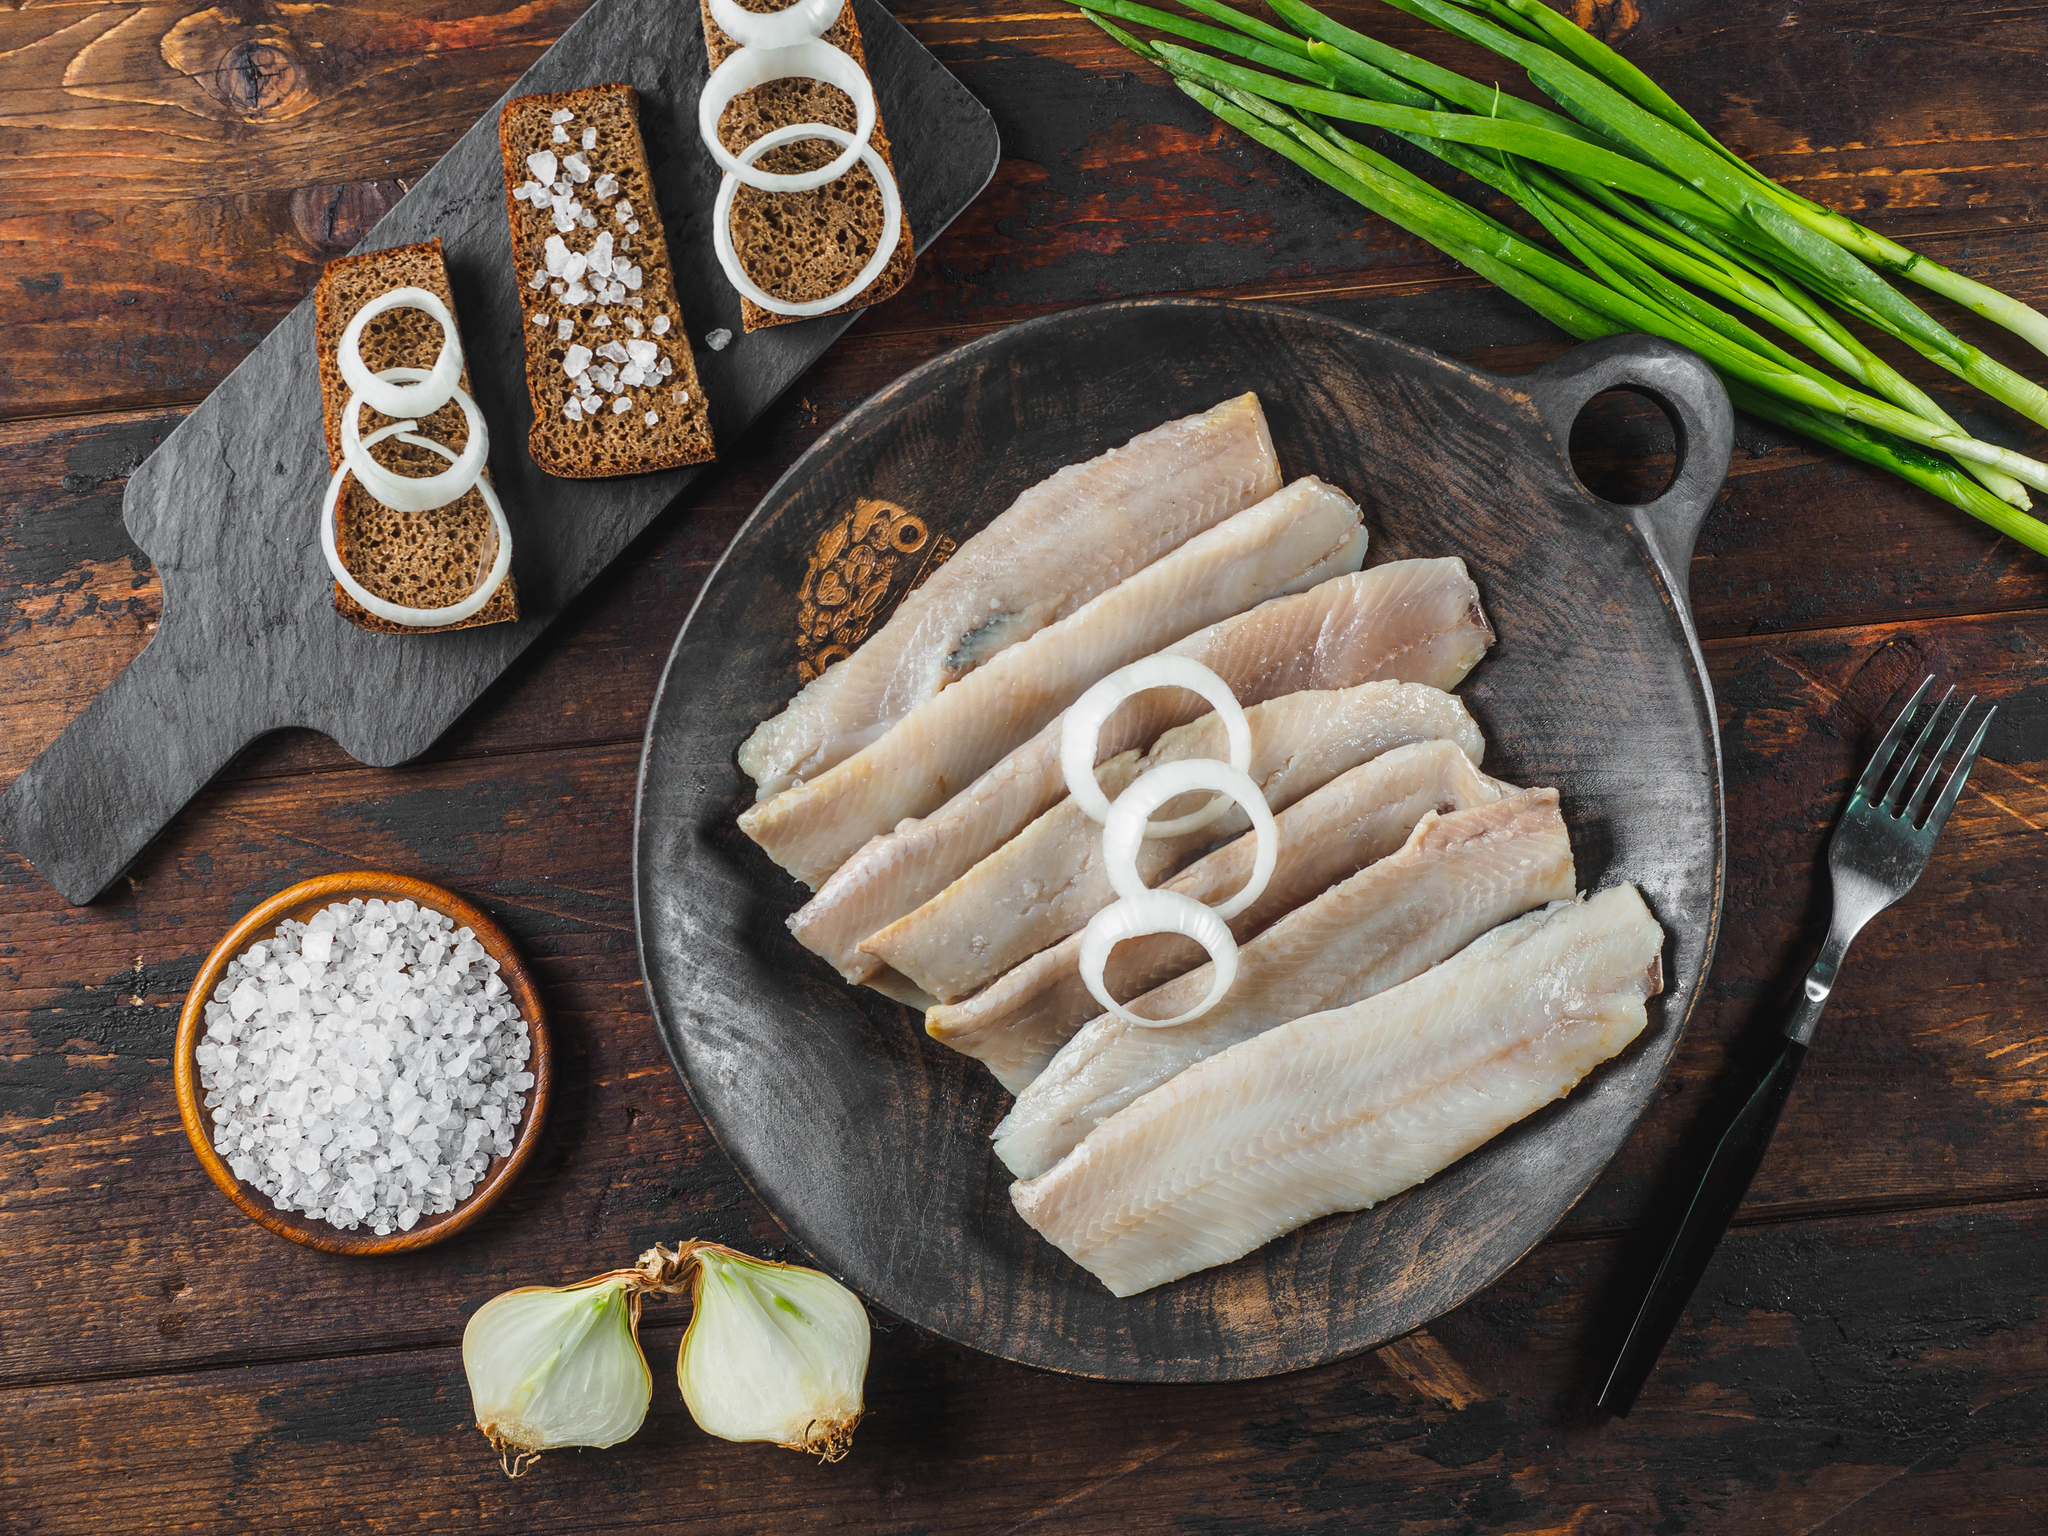 Филе сельди без кожи (малосоленое) 500 гр